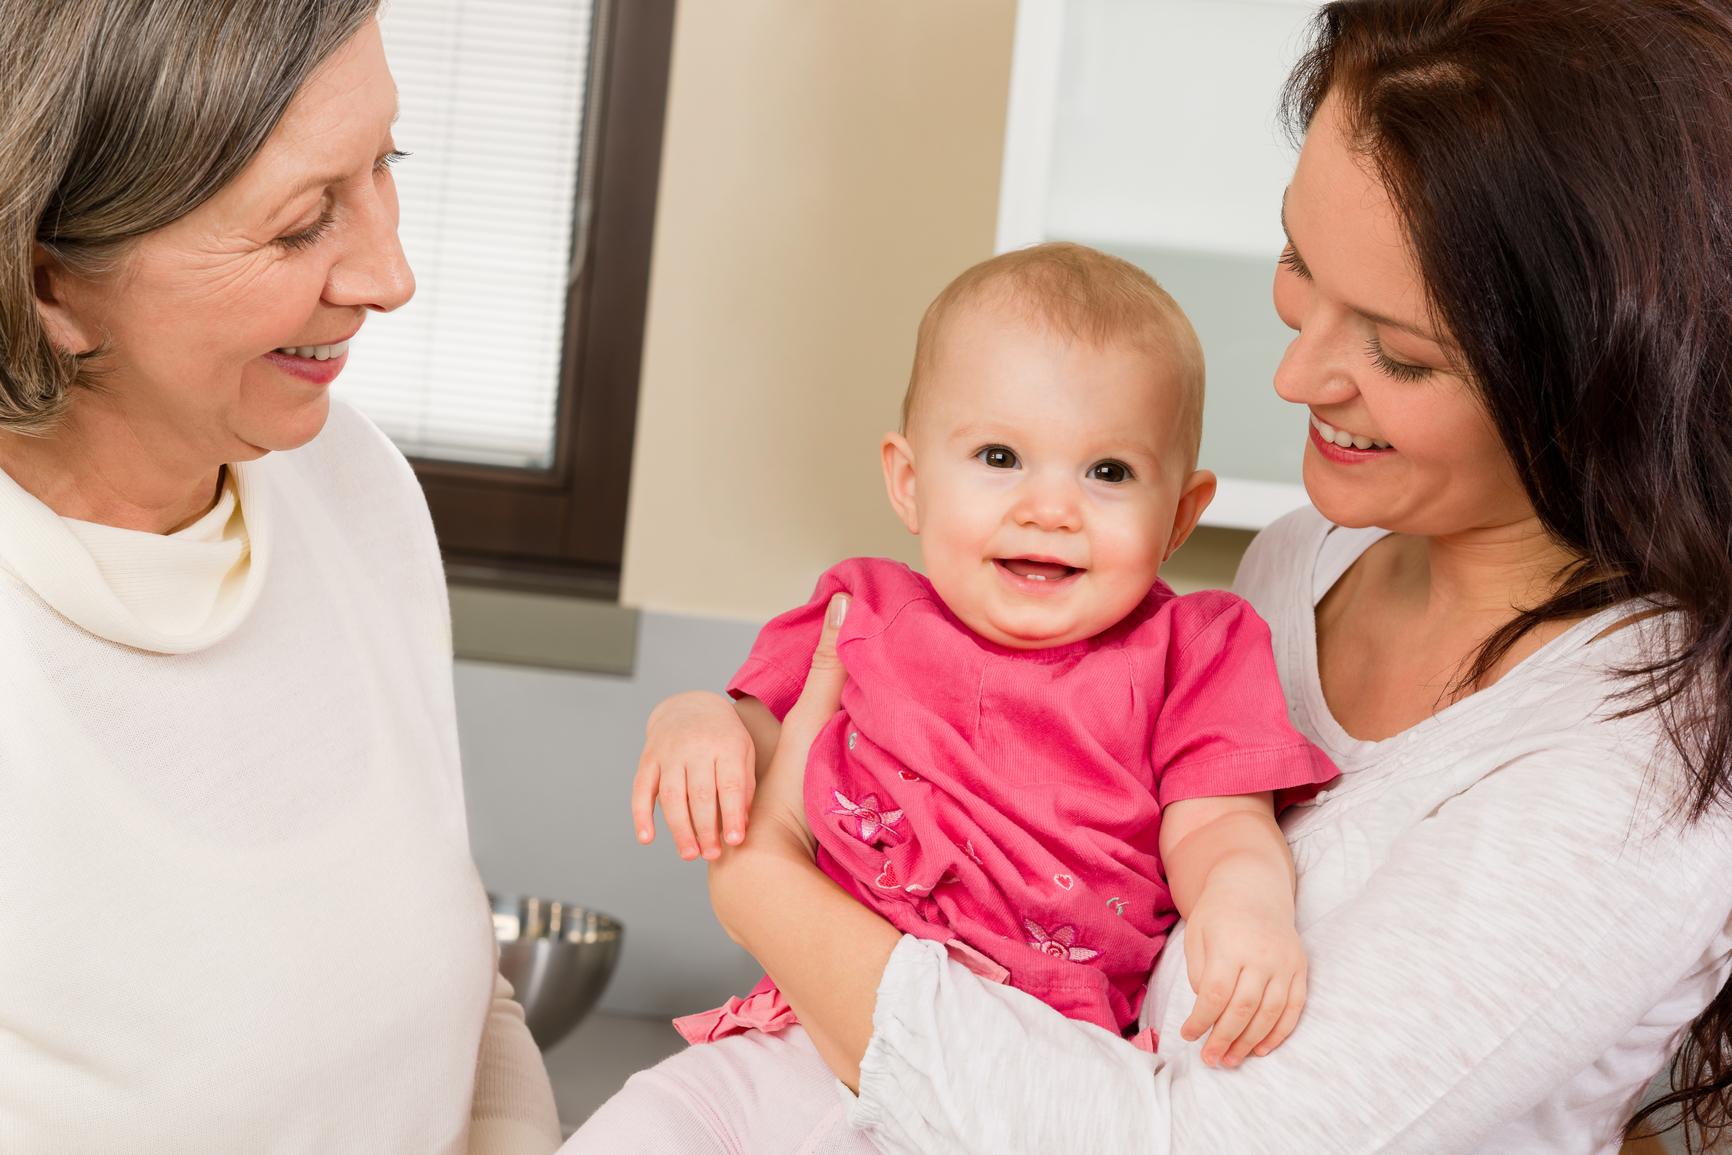 Парламентарии Госдумы внесли предложение о предоставлении нянь многодетным семьям с детьми до трех лет